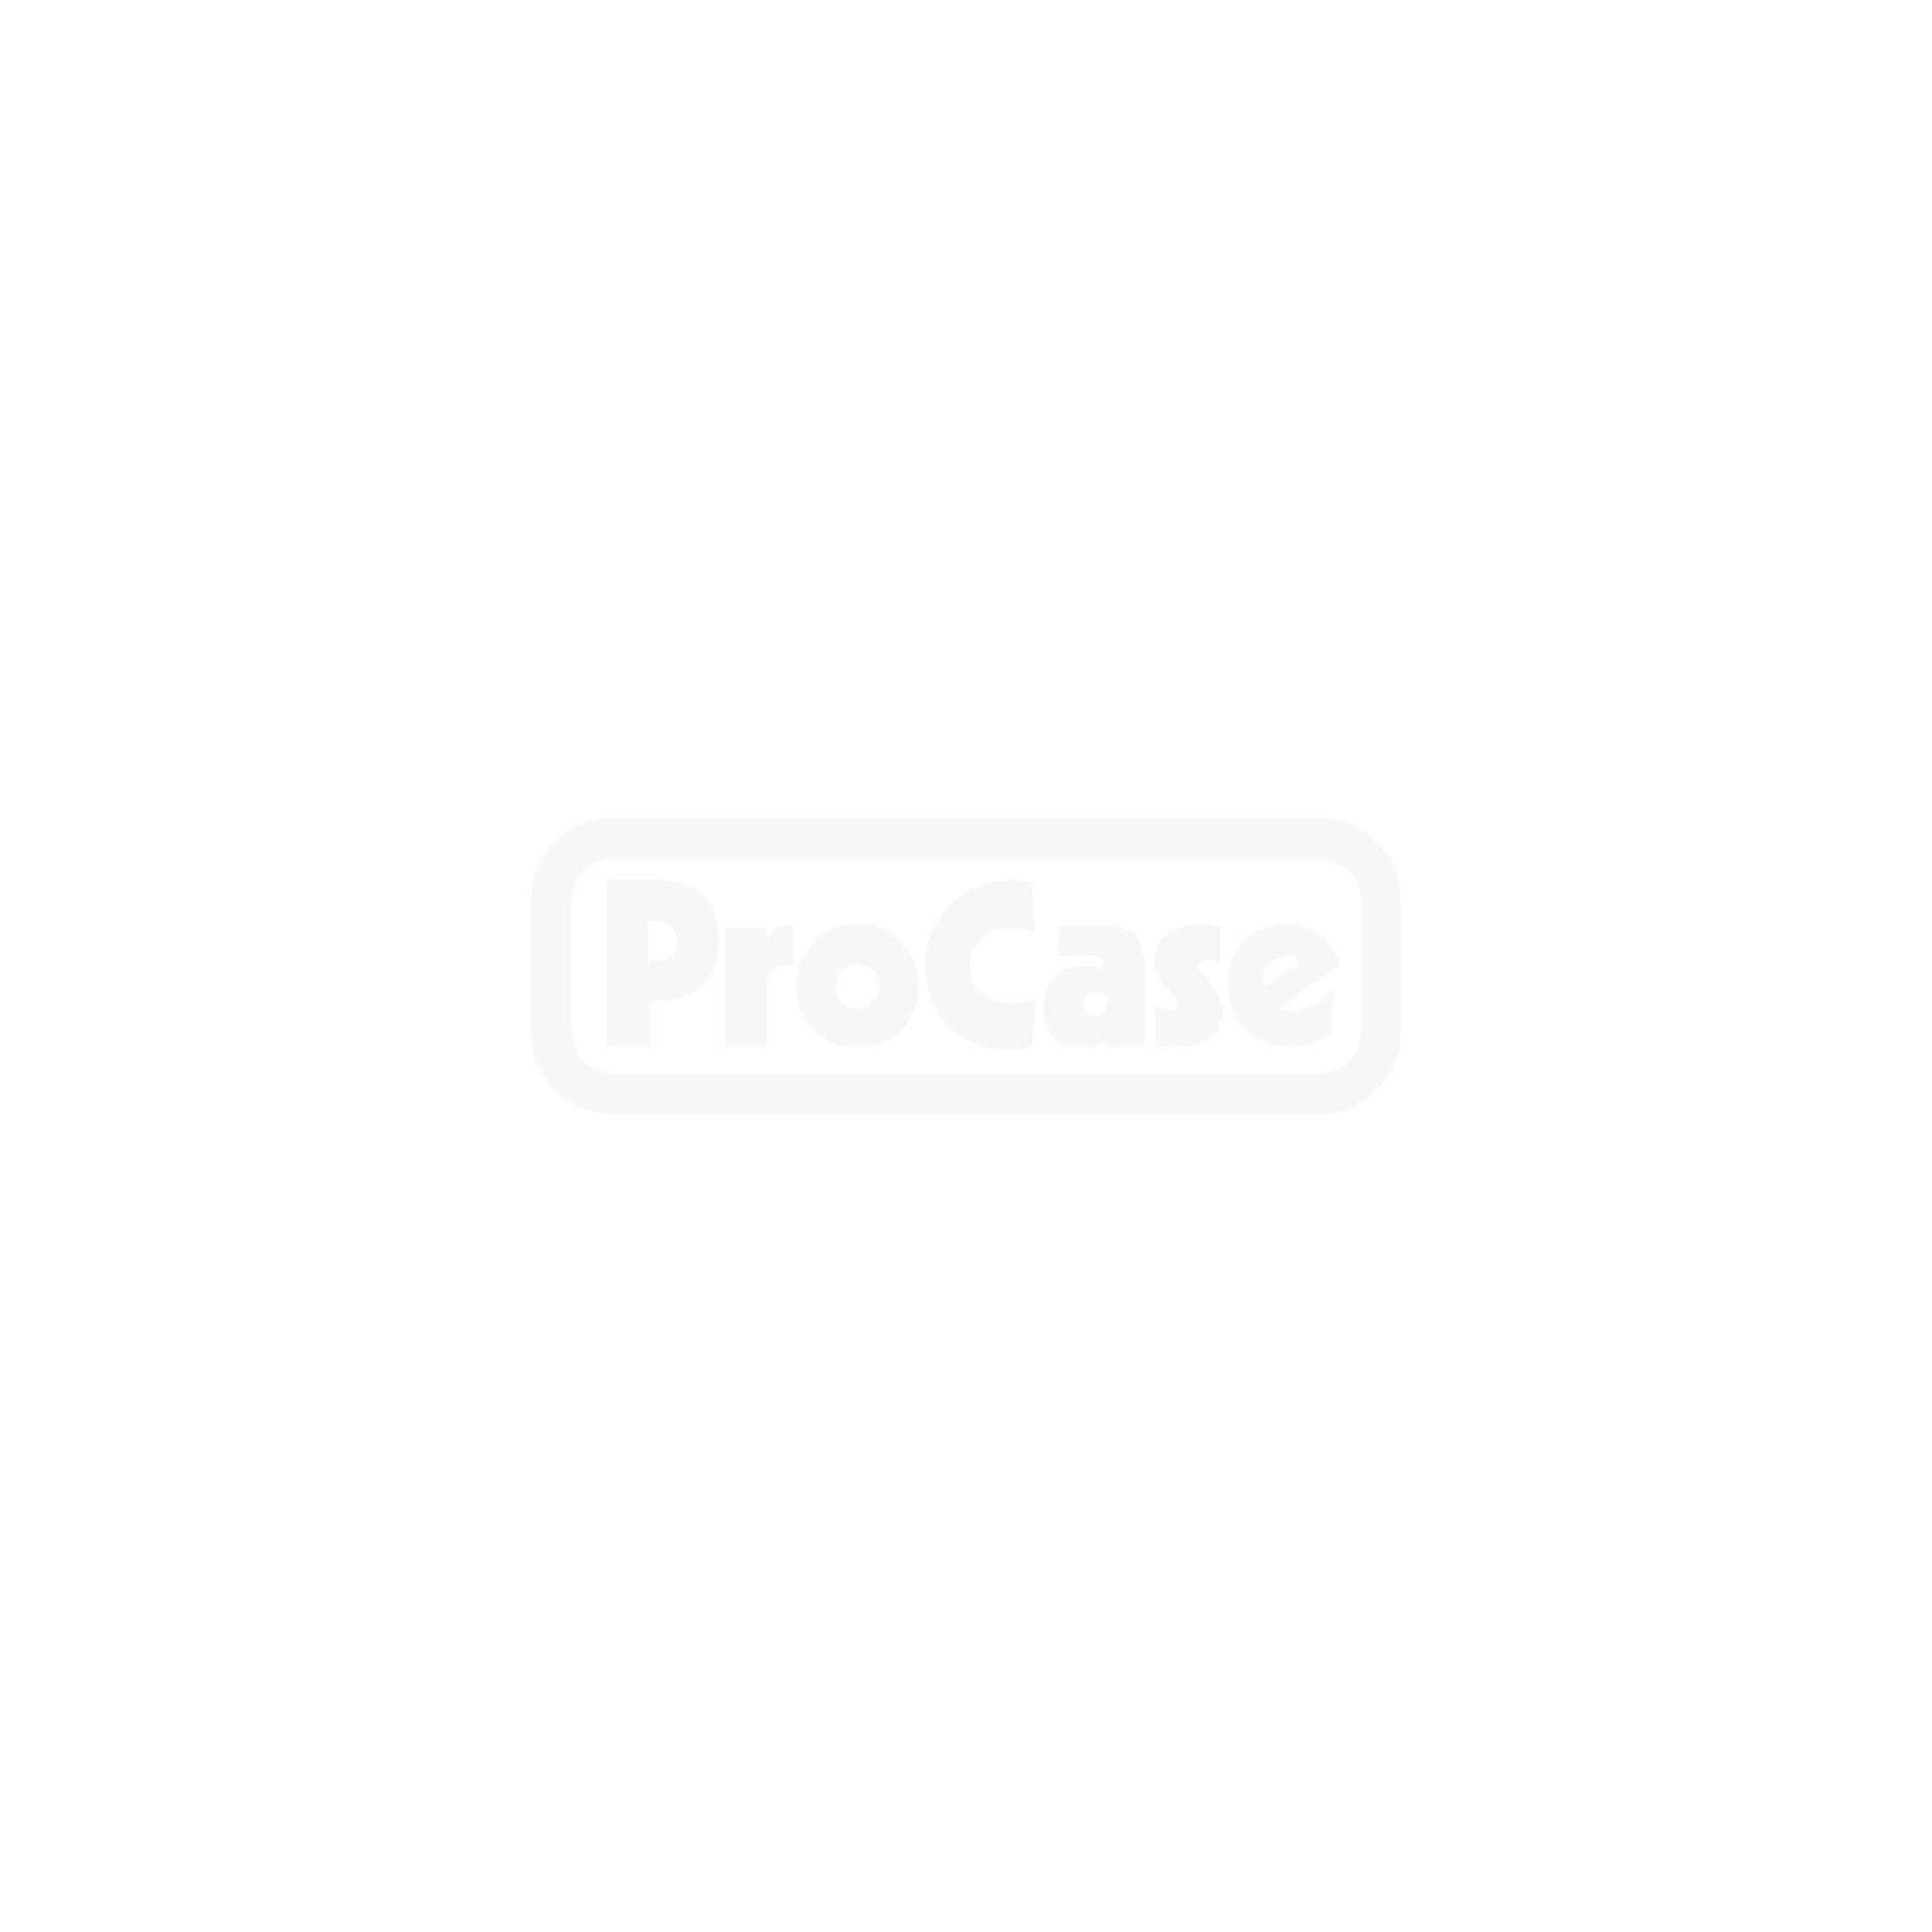 QSD-Rack 8HE 600 mm tief 2